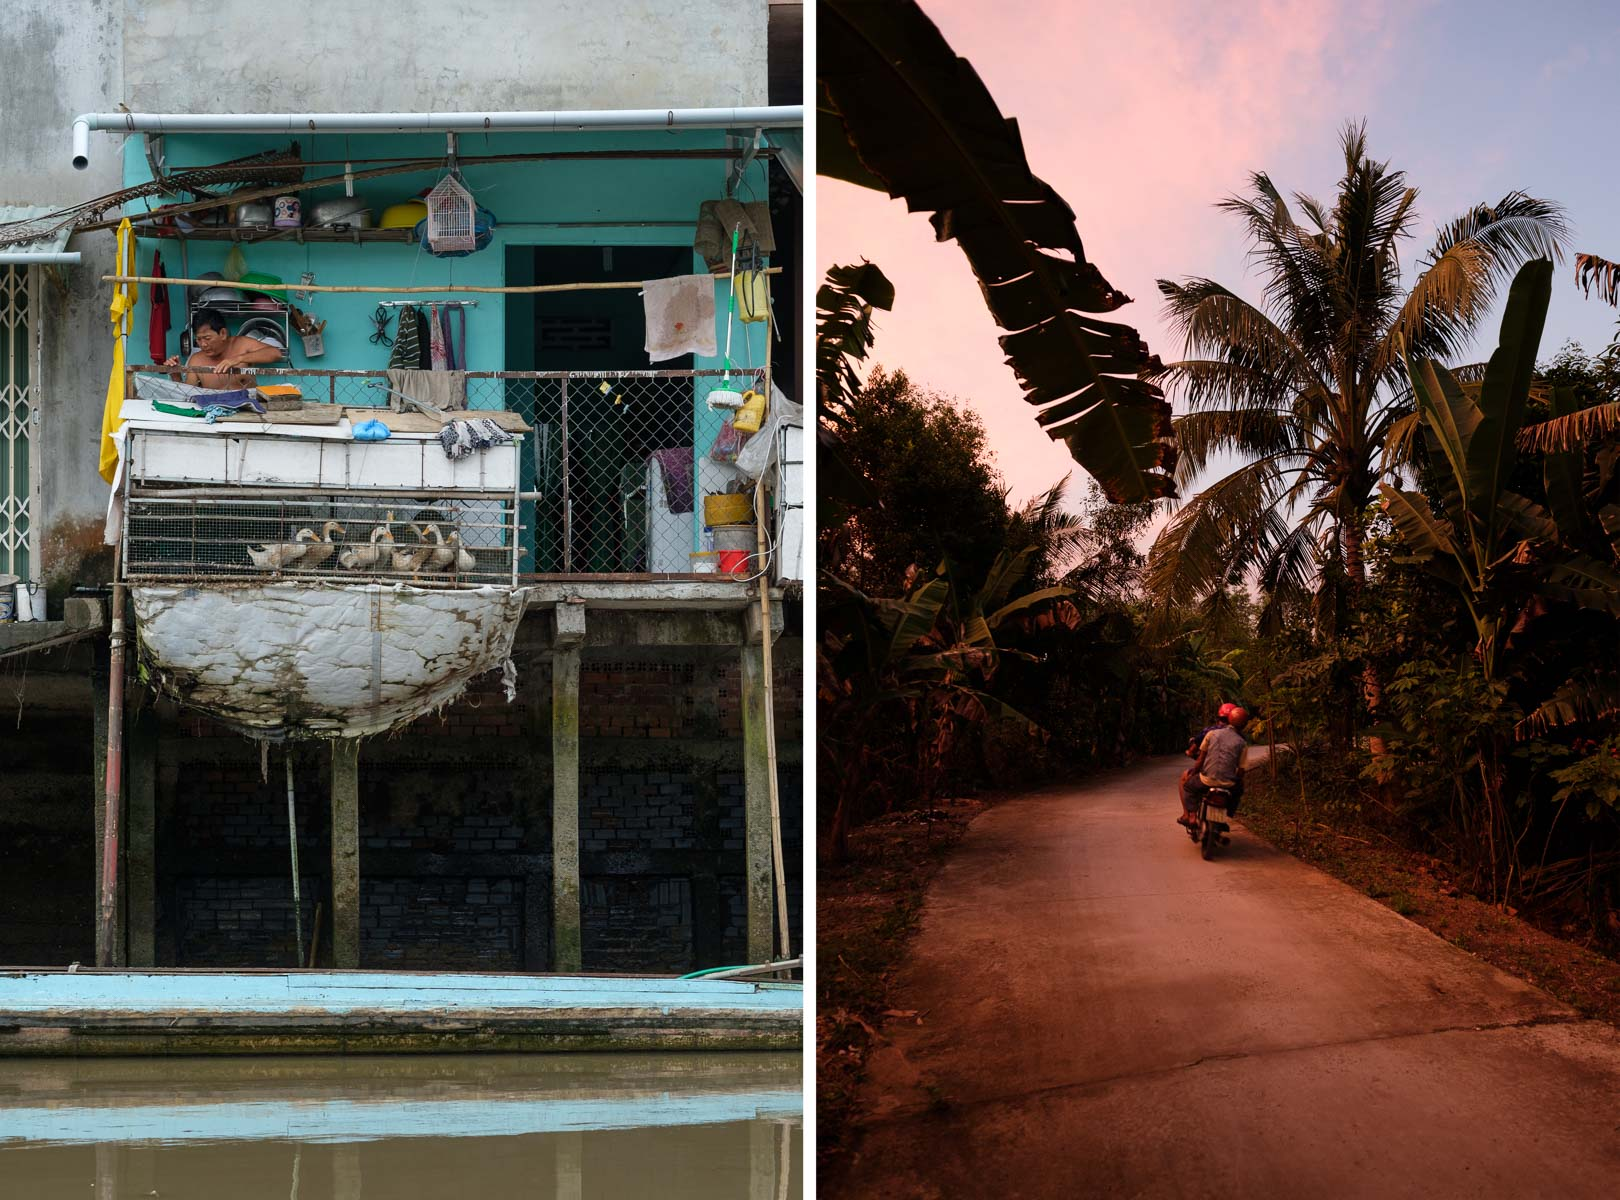 Mekong Delta, Southern Vietnam